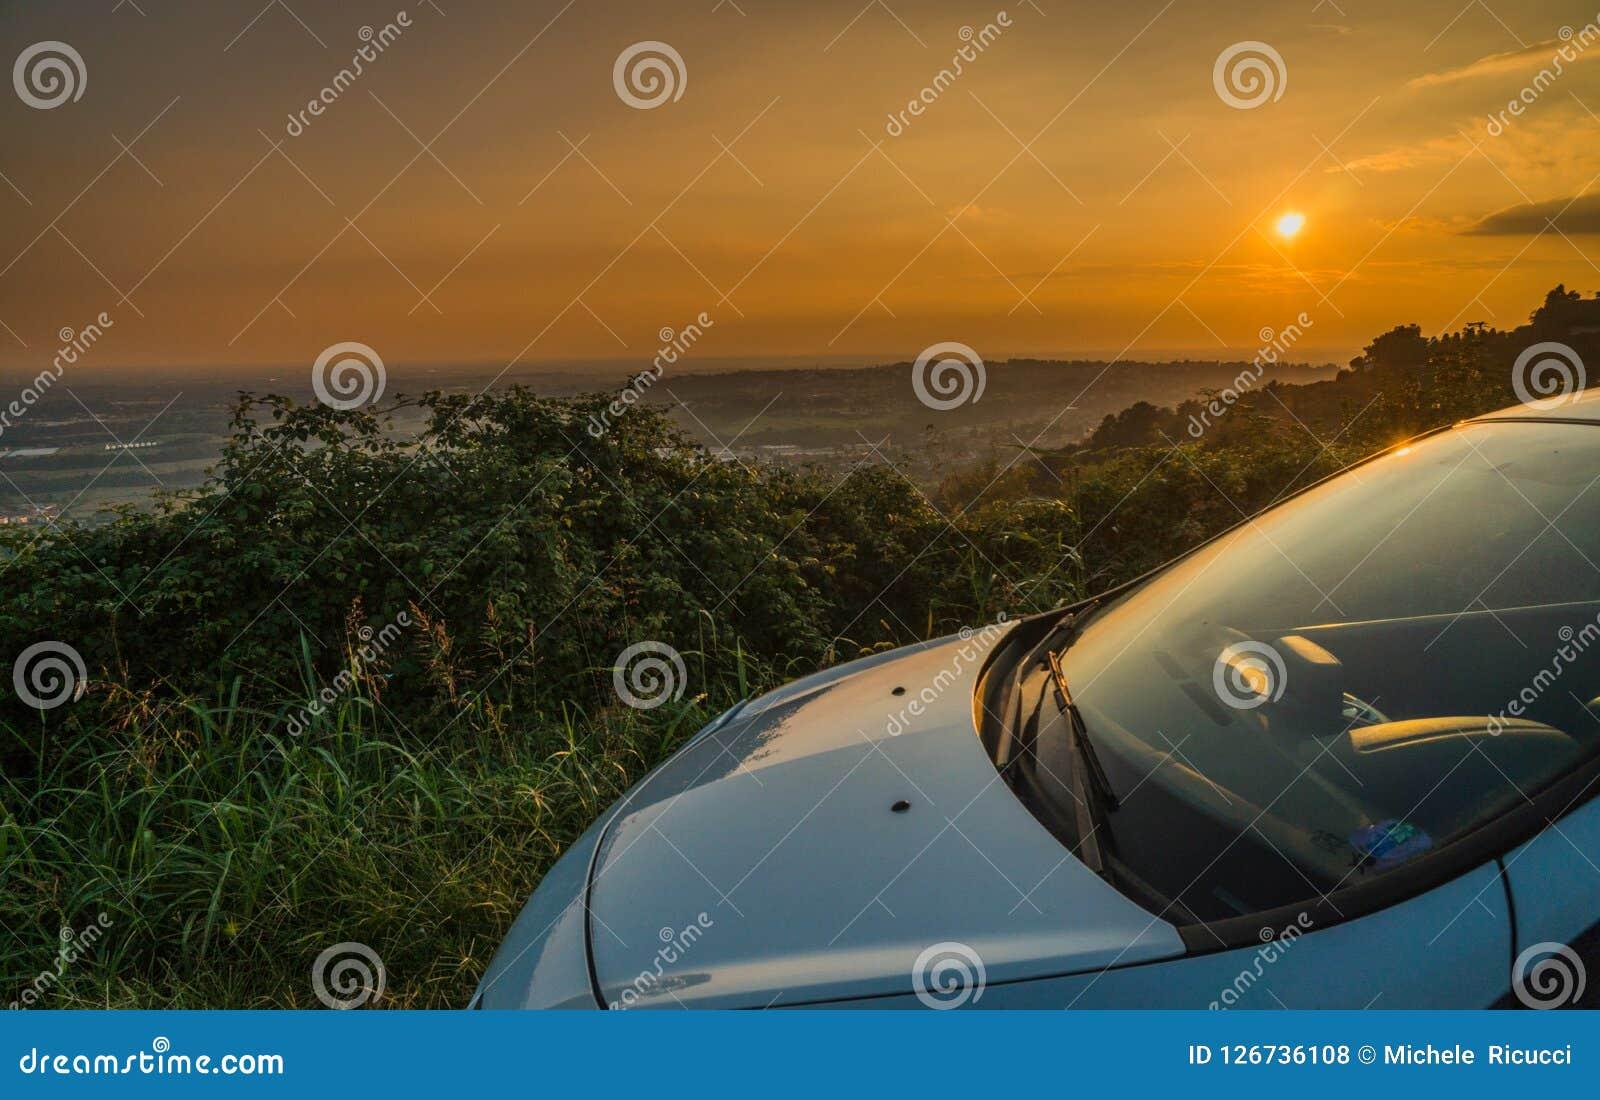 Samochód parkujący w ulicie z oszałamiająco widokiem przy zmierzchem